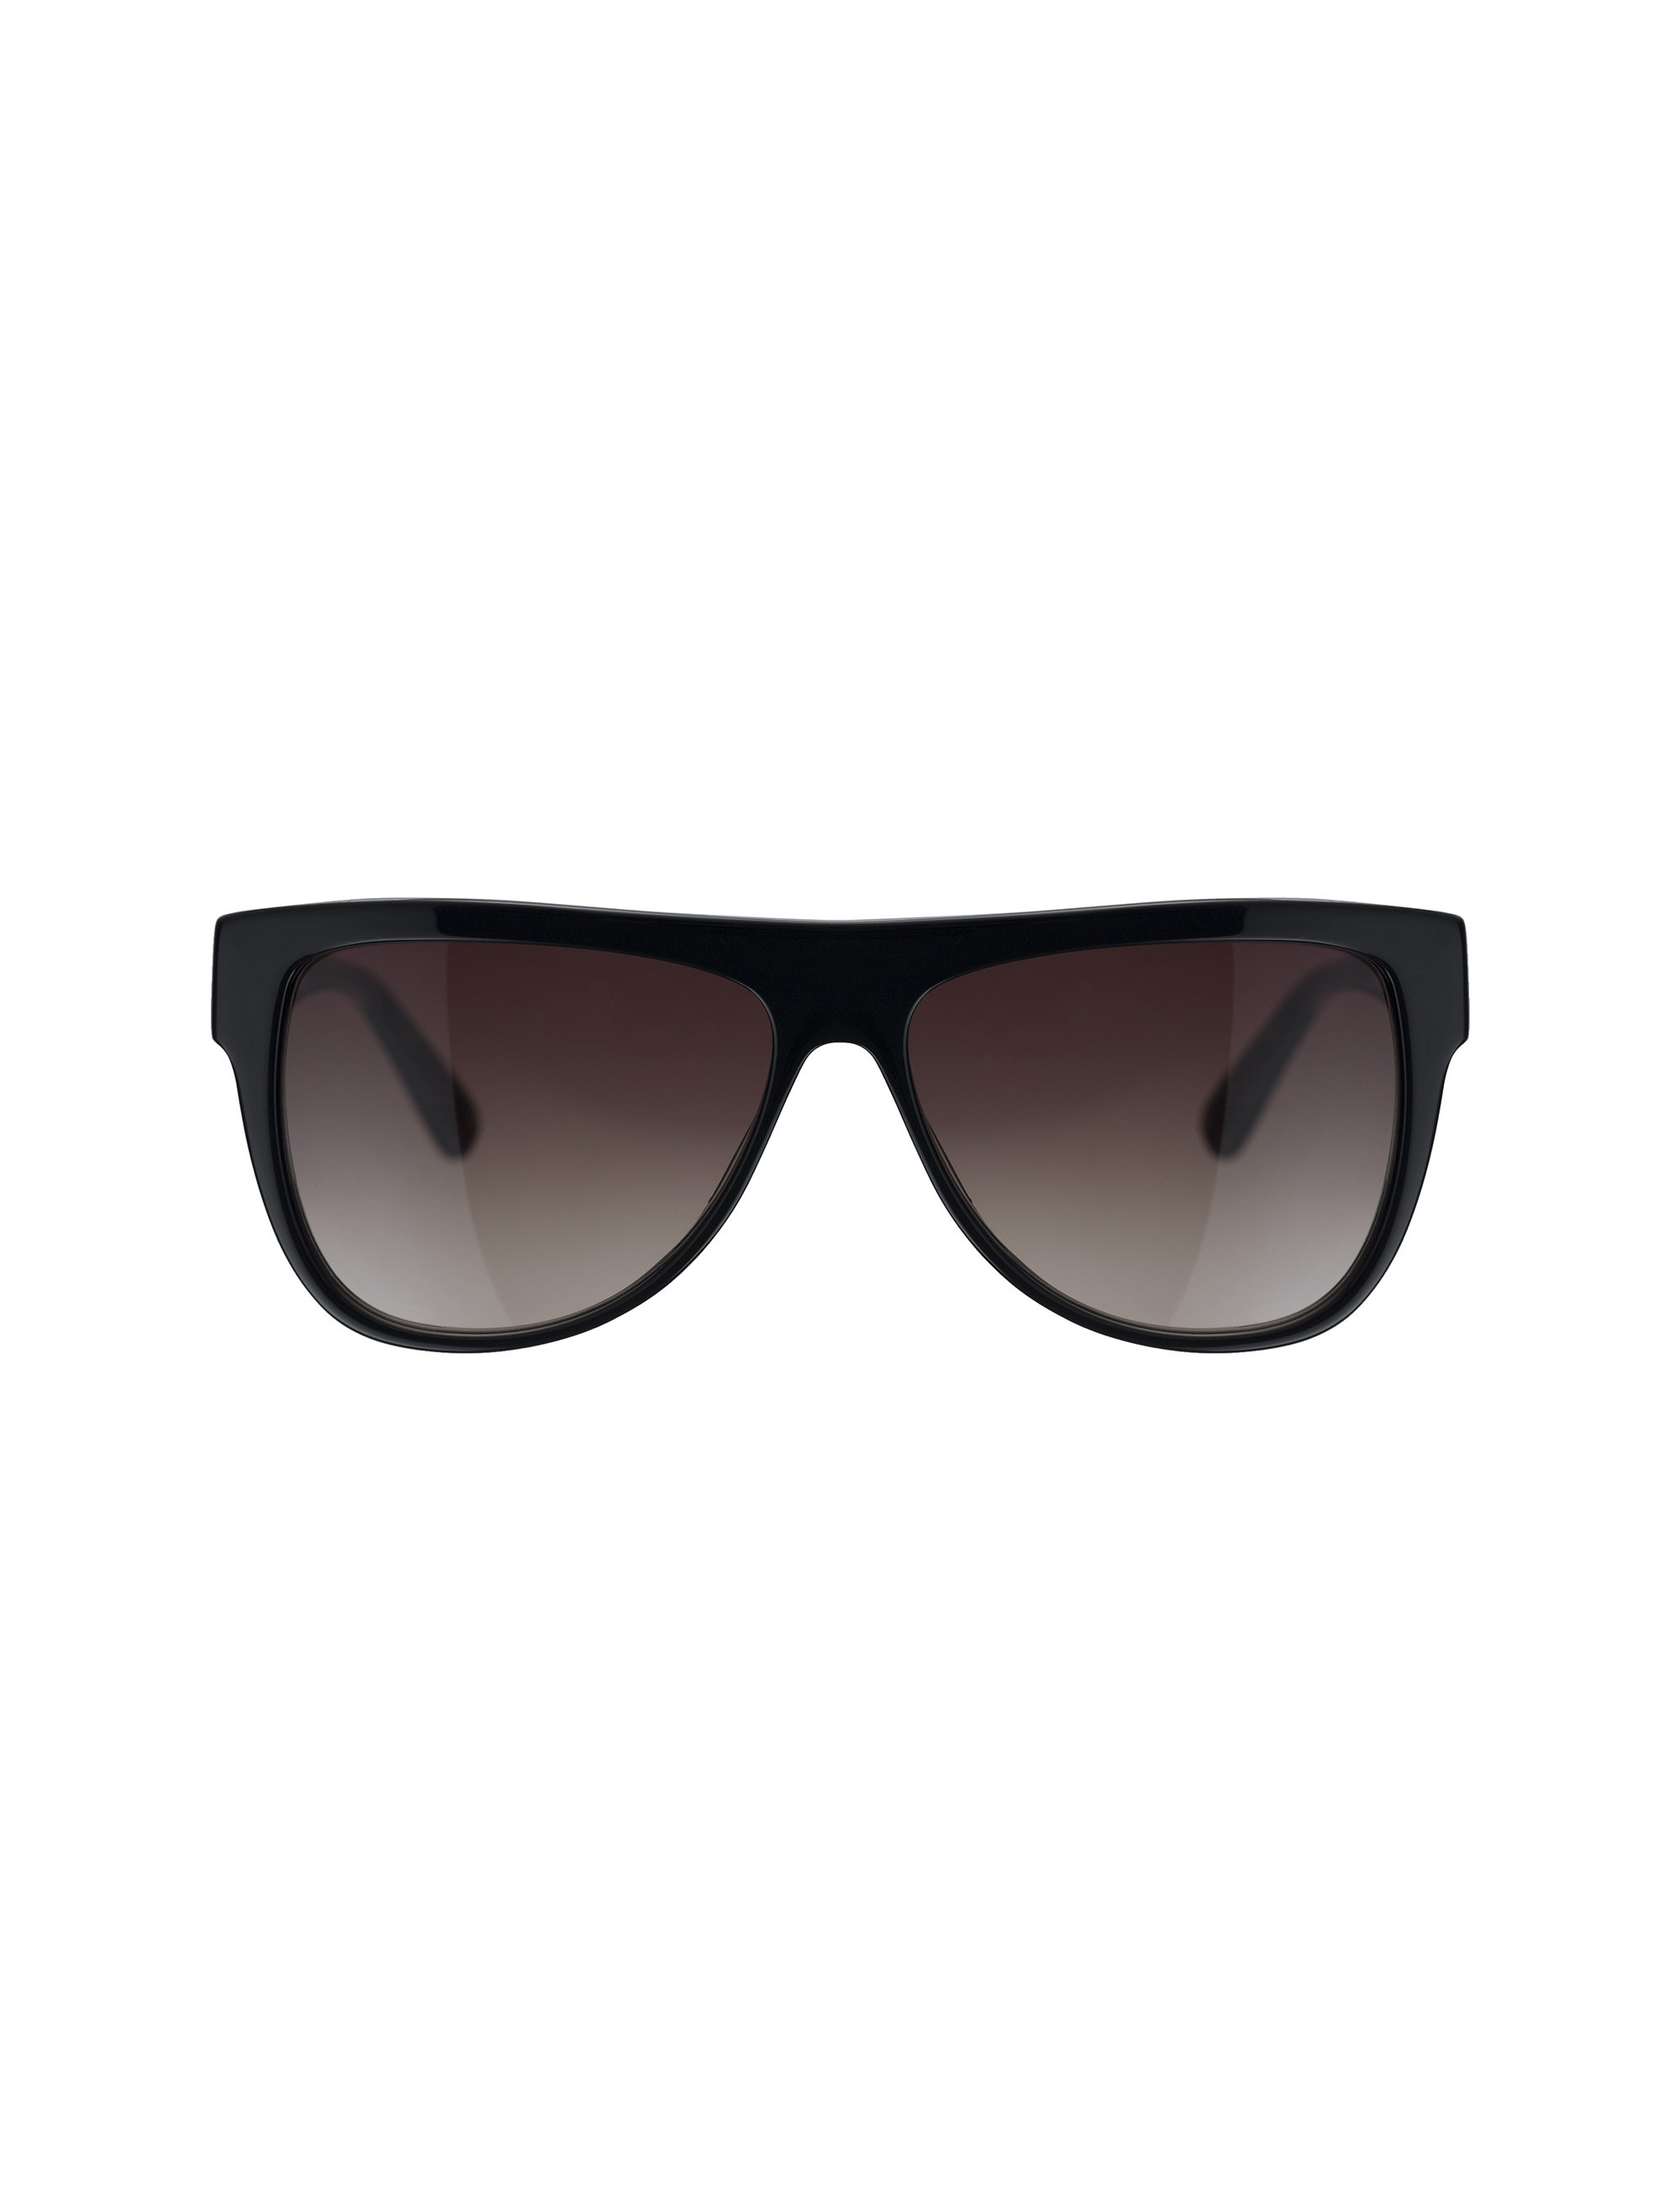 قیمت عینک آفتابی ویفرر زنانه - ماریم اکو